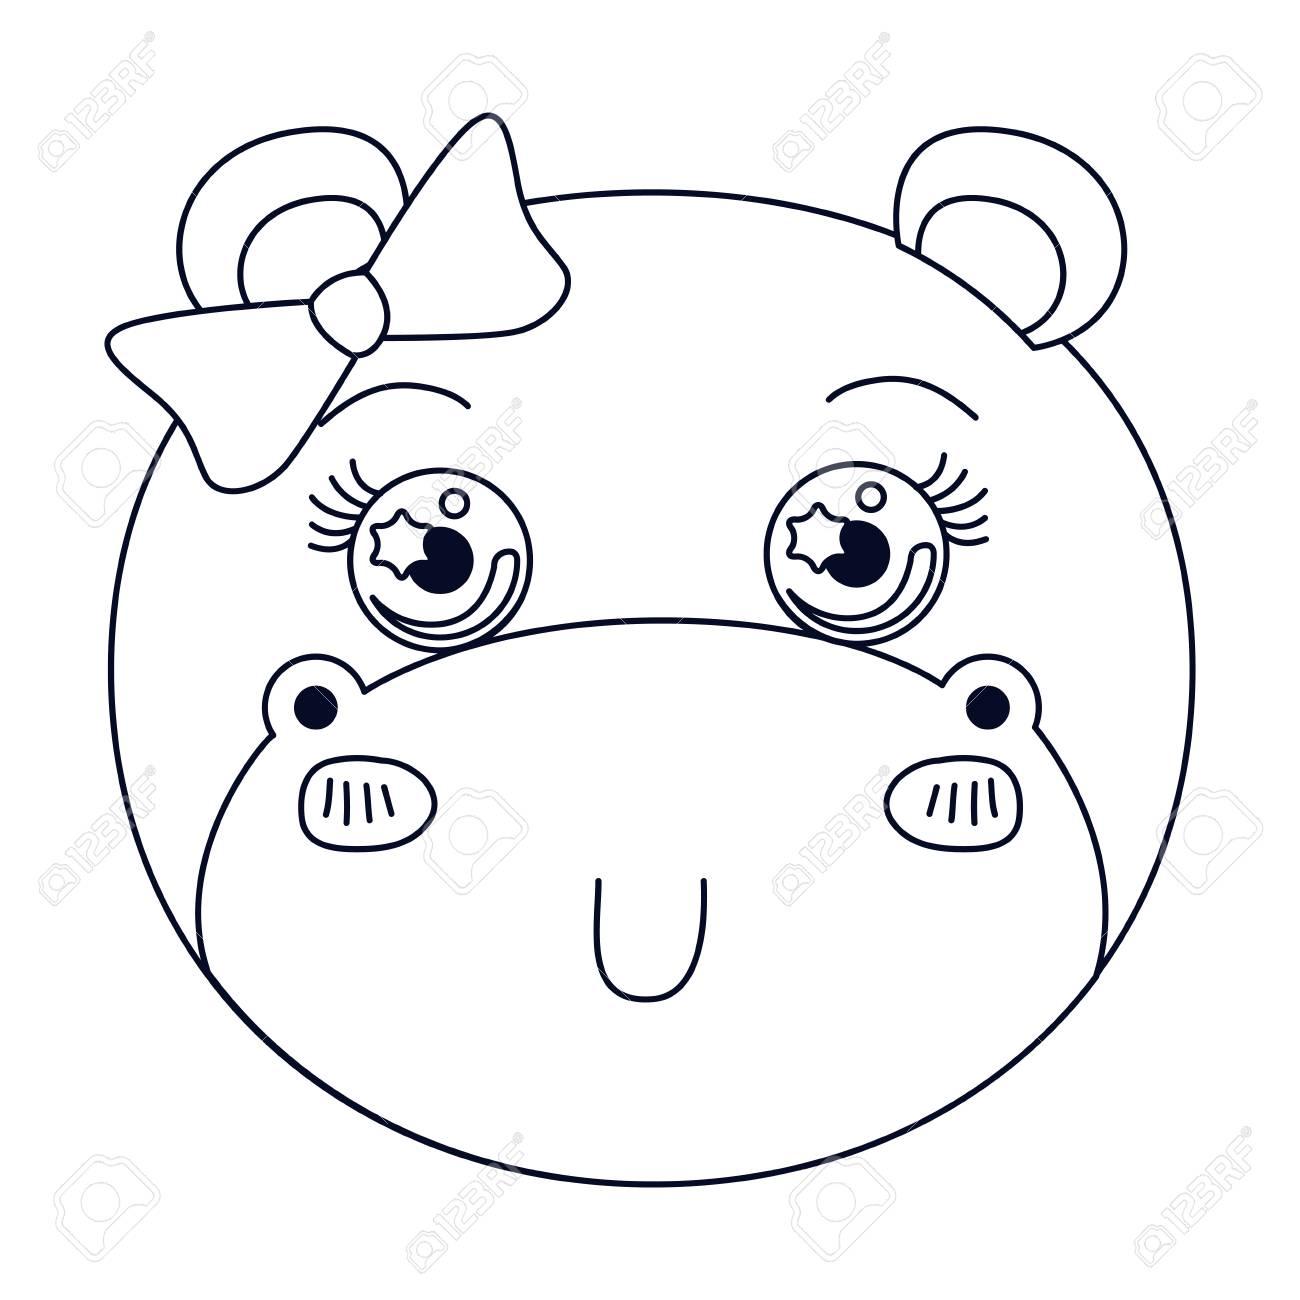 雌カバ動物かわいい式ベクトル イラストのシルエット似顔絵かおを